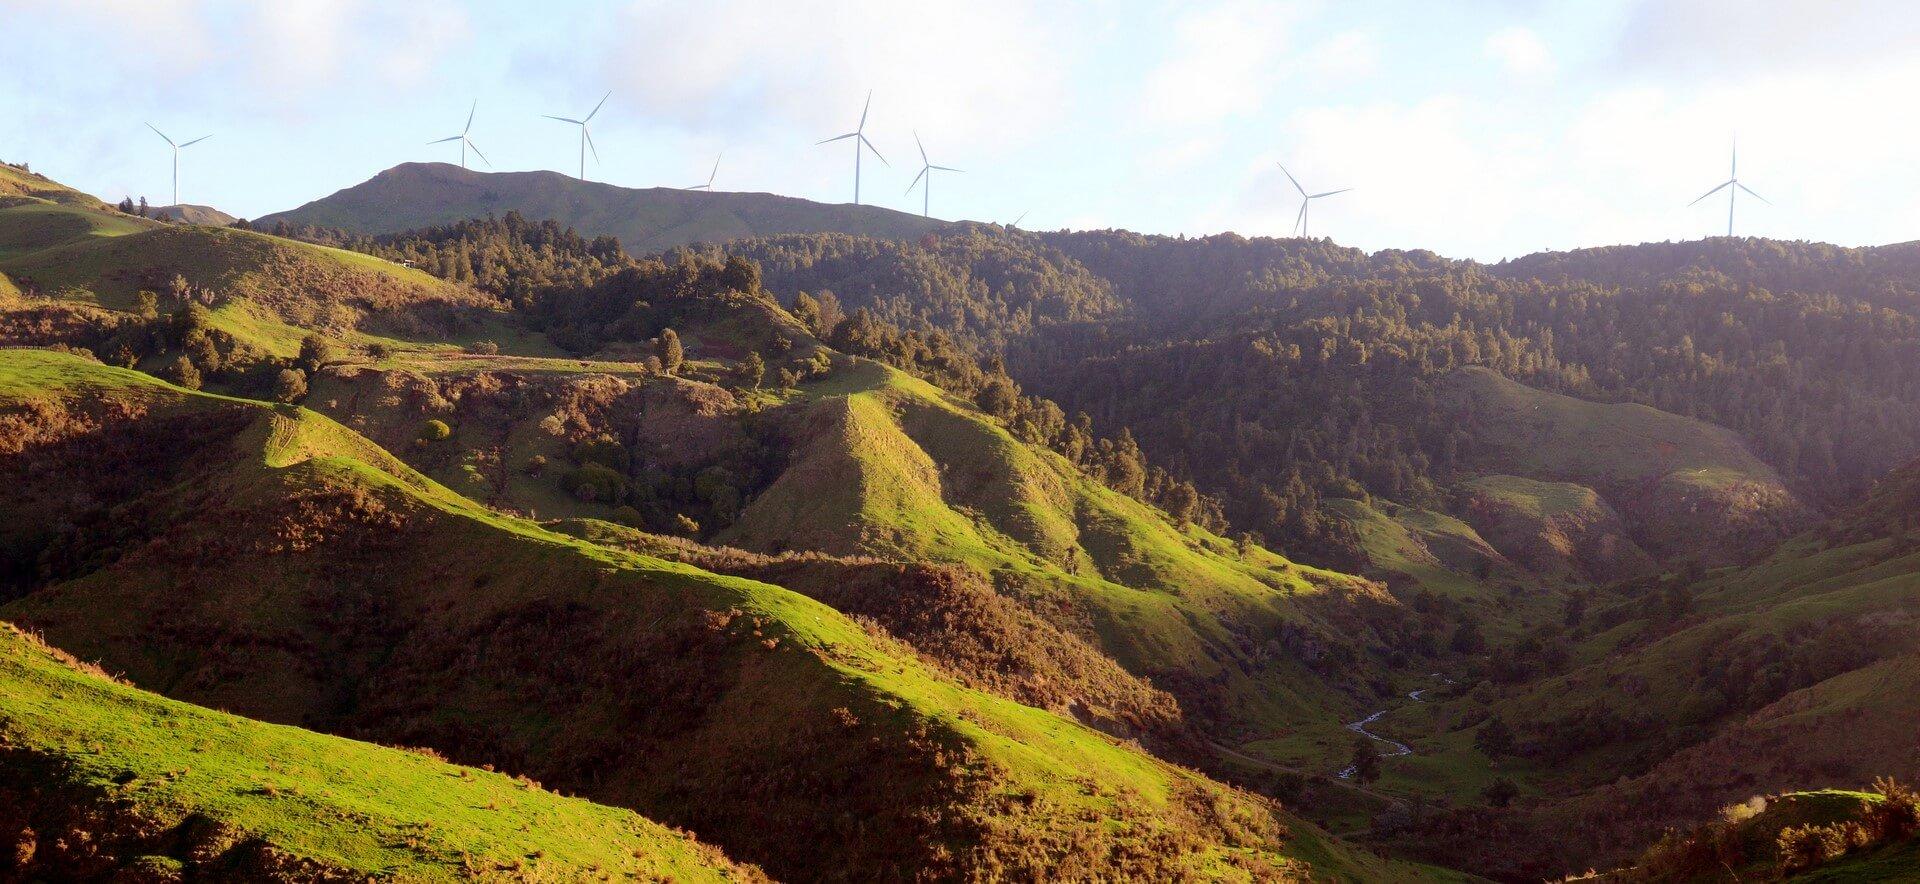 Waitetuna Wind Farm Trail Run